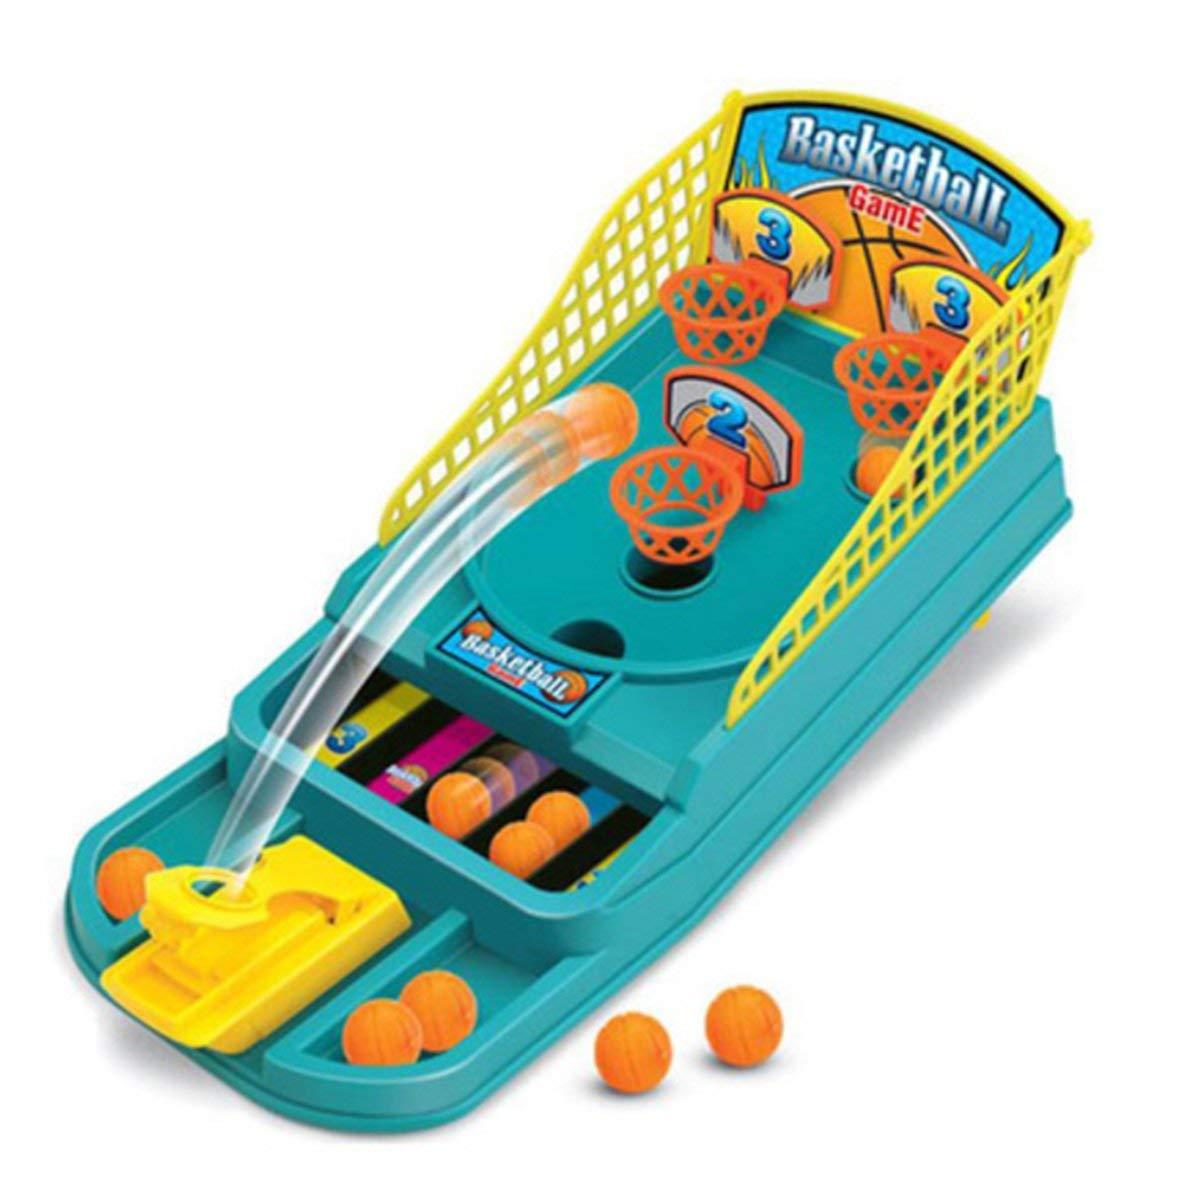 Basketball Shooting Game For Kids, Desktop Table Basketball Games Classic Arcade Games Basketball Hoop Set, Fun Sports Toy